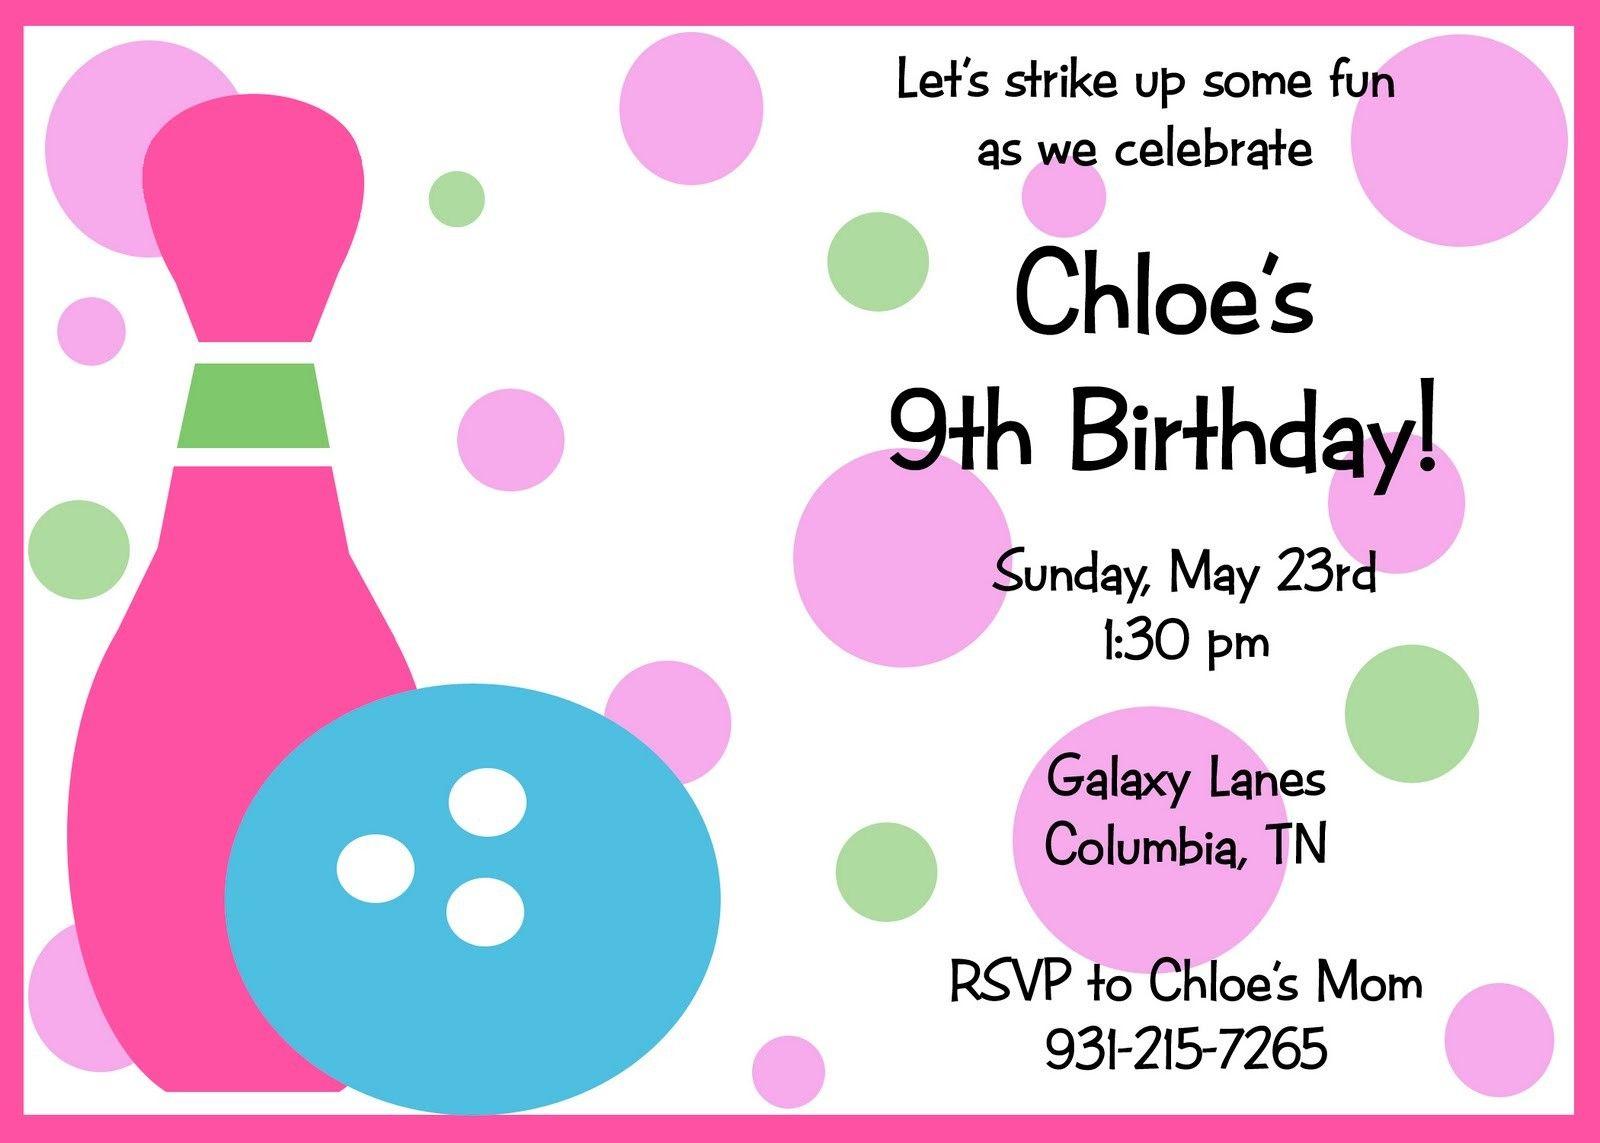 Free Printable Bowling Birthday Invitations For Kids Bowling Birthday Party Invitations Bowling Party Invitations Bowling Birthday Invitations Bowling party invitations template free